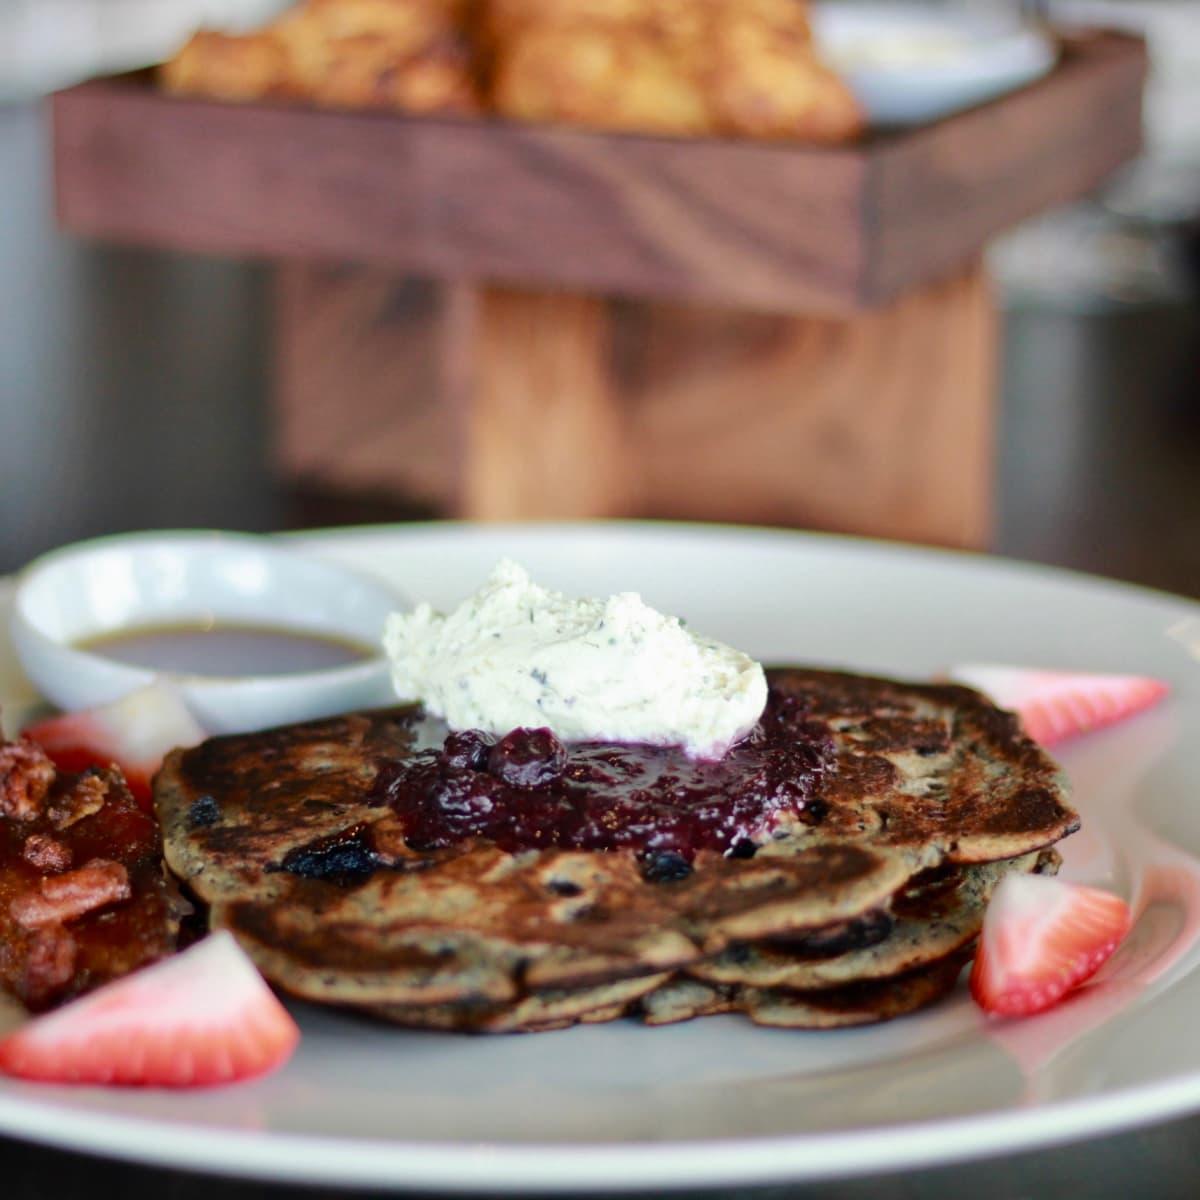 Poitin blueberry pancakes